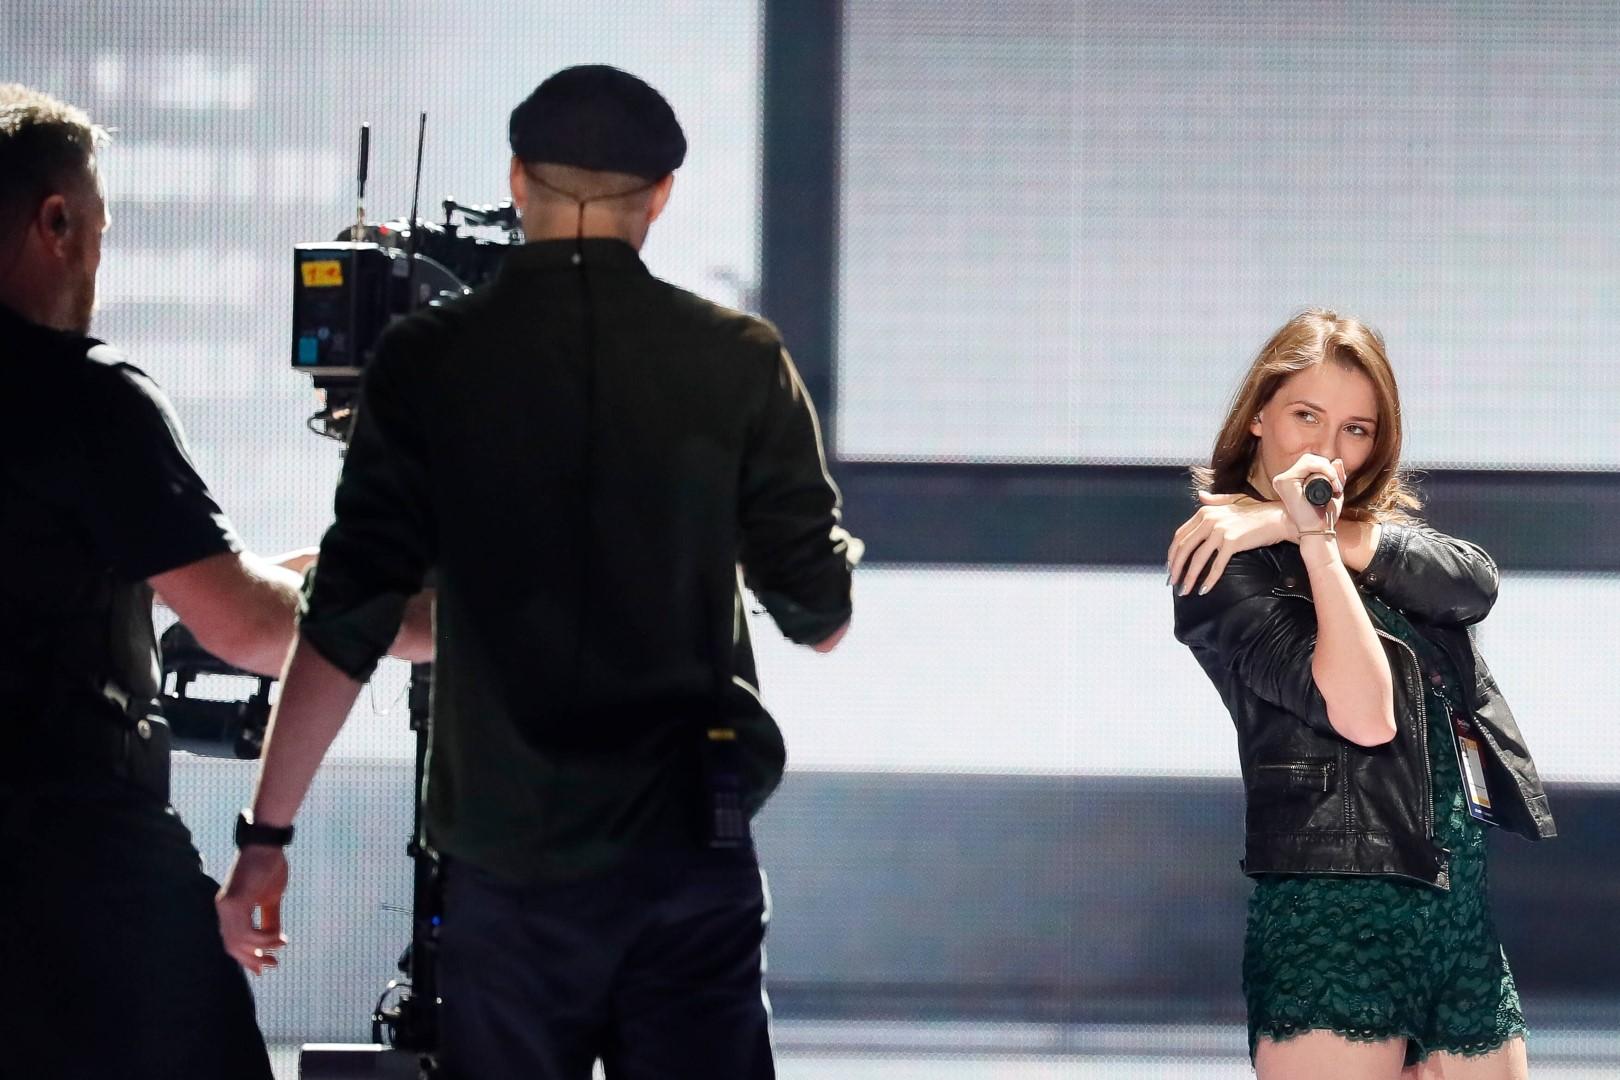 ПРОБА НА ГОЛЕМАТА СЦЕНА: Погледнете како ќе изгледа настапот на Јана на Евровизија (ВИДЕО)